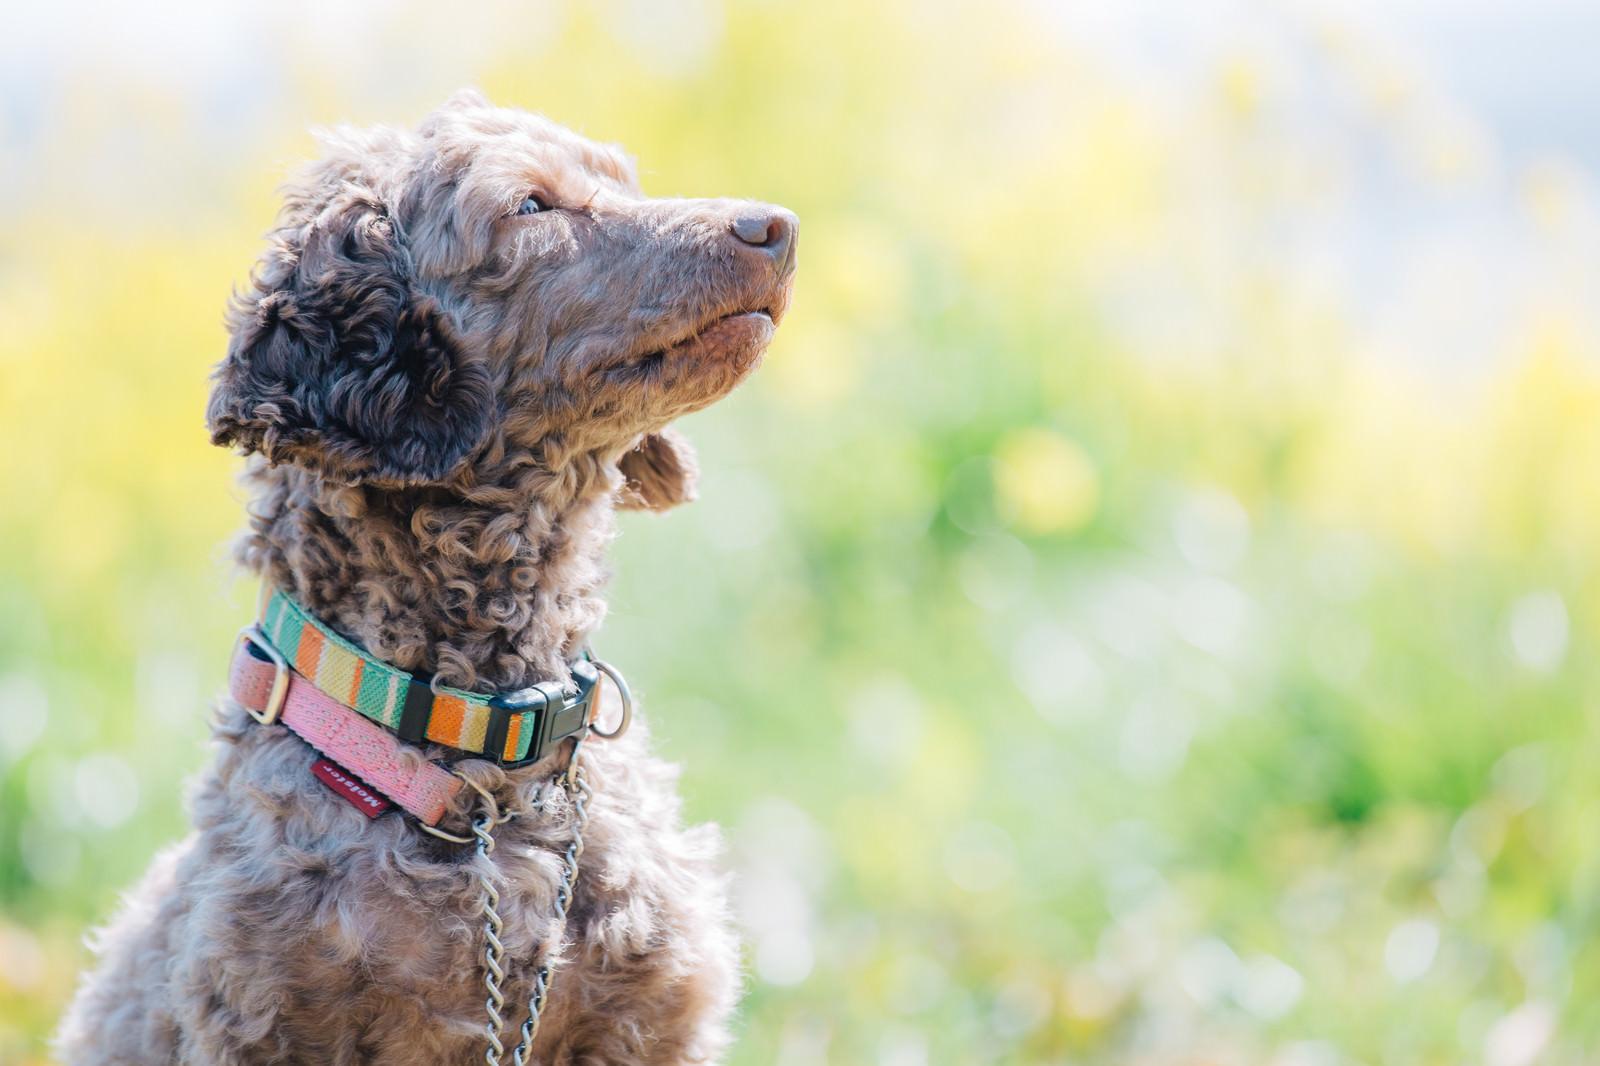 「飼い主の言うことを聞く、しつけのできた犬」の写真